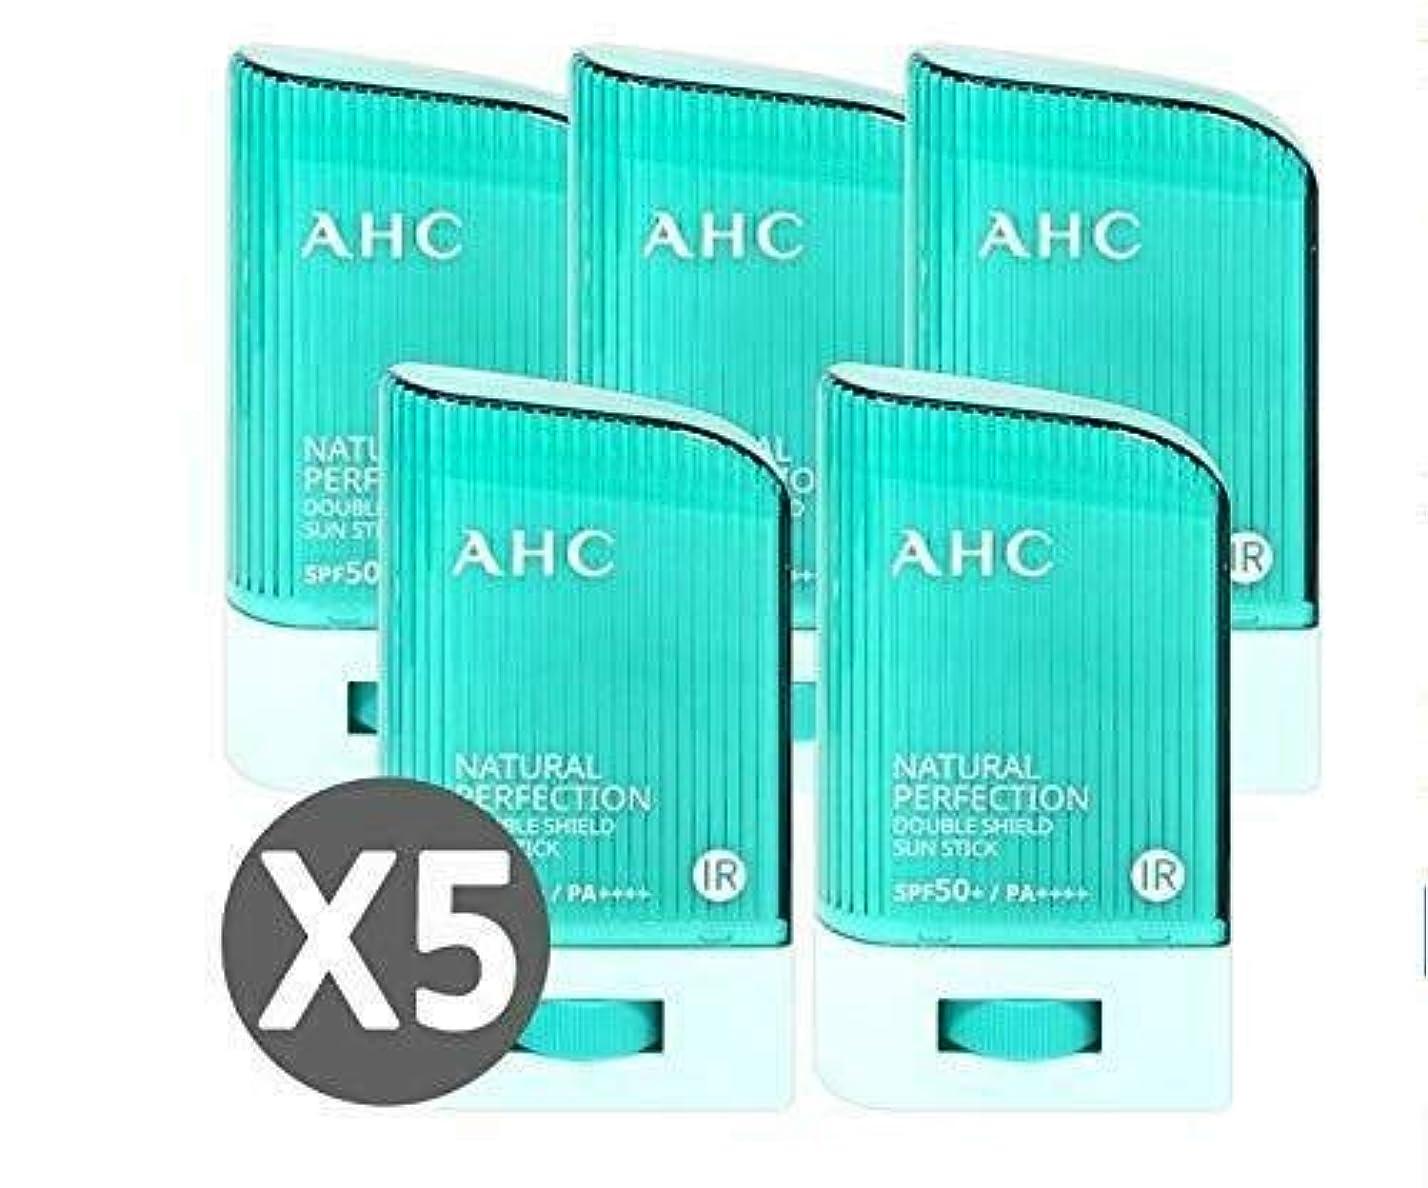 評価する世界記録のギネスブック拒絶[ 5個セット ] AHC ナチュラルパーフェクションダブルシールドサンスティック 22g, Natural Perfection Double Shield Sun Stick SPF50+ PA++++